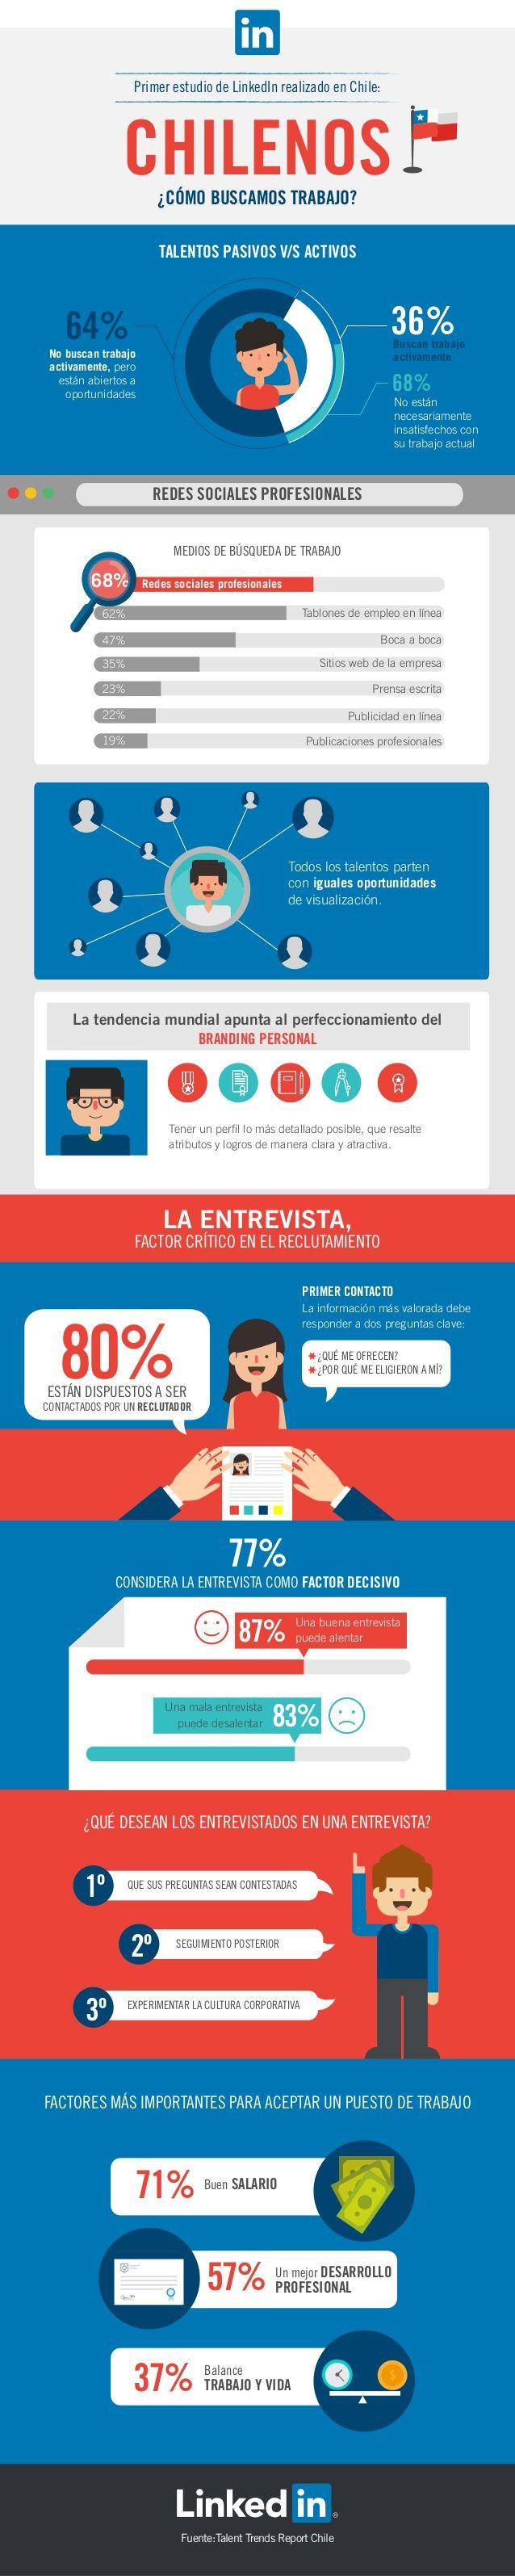 Cómo se busca trabajo en Chile #infografia